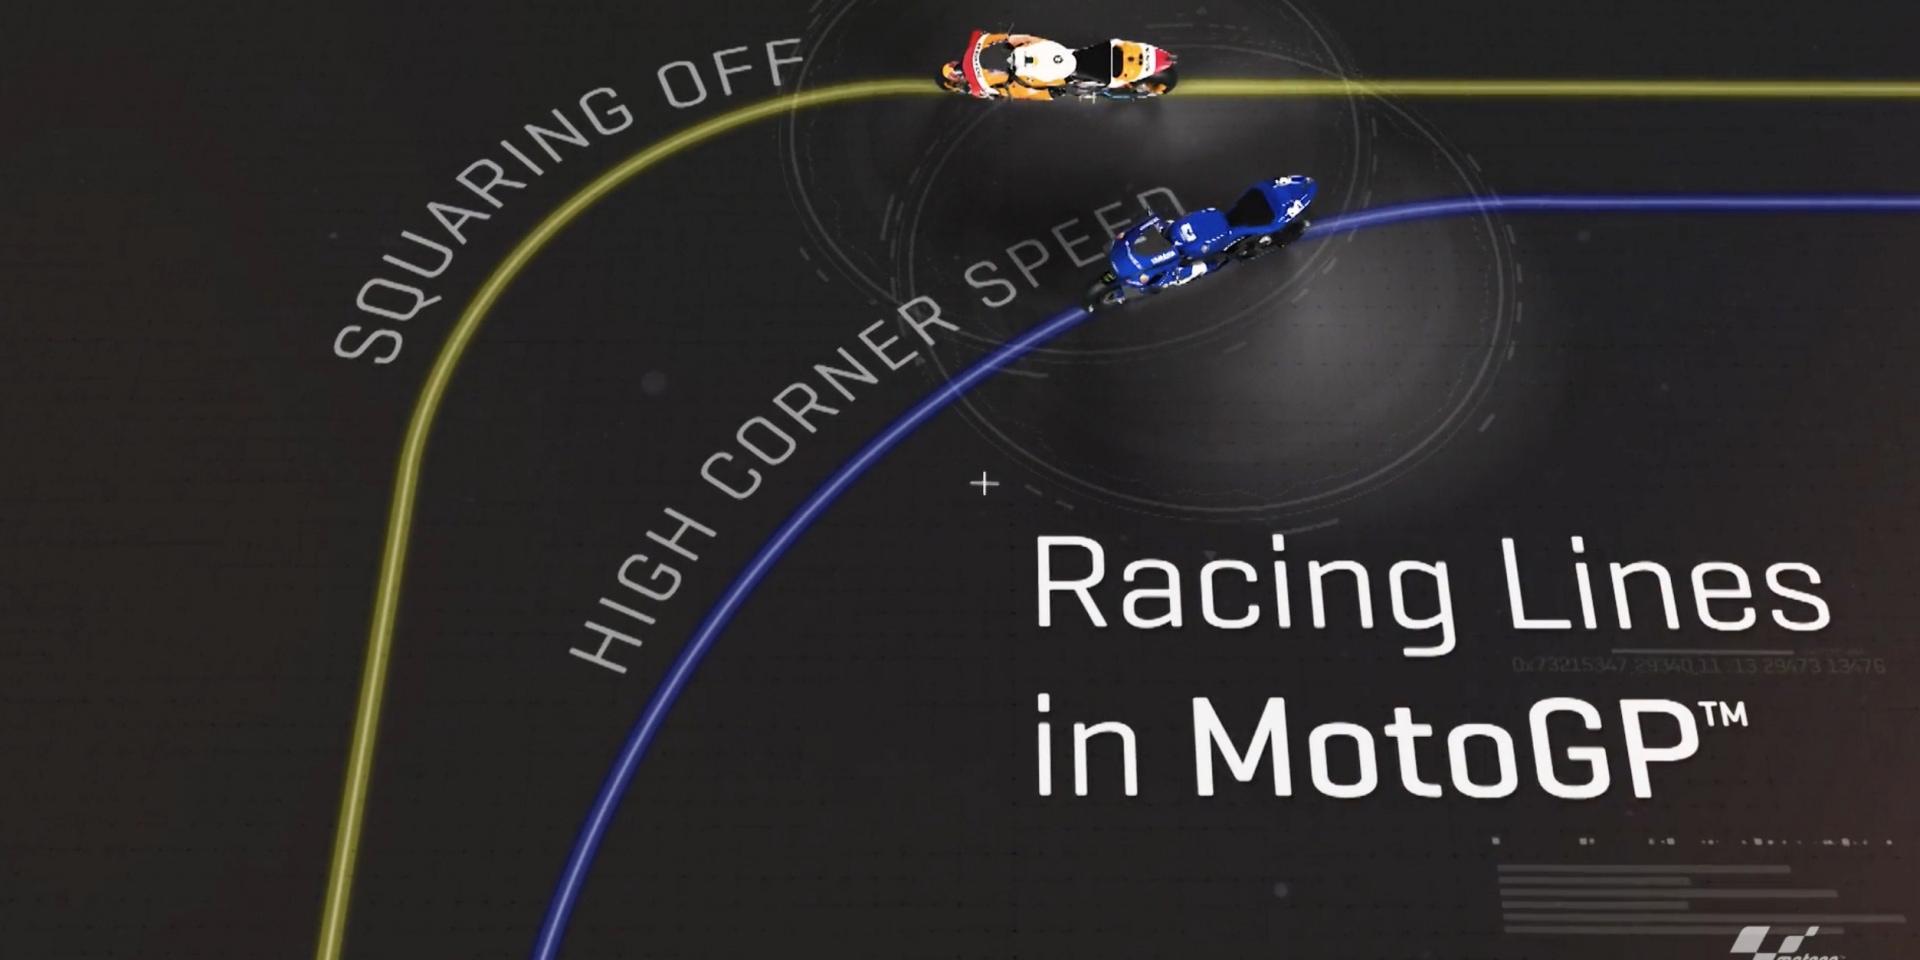 騎乘技巧|走弧線還是折角呢?MotoGP賽車路線差異大解密!